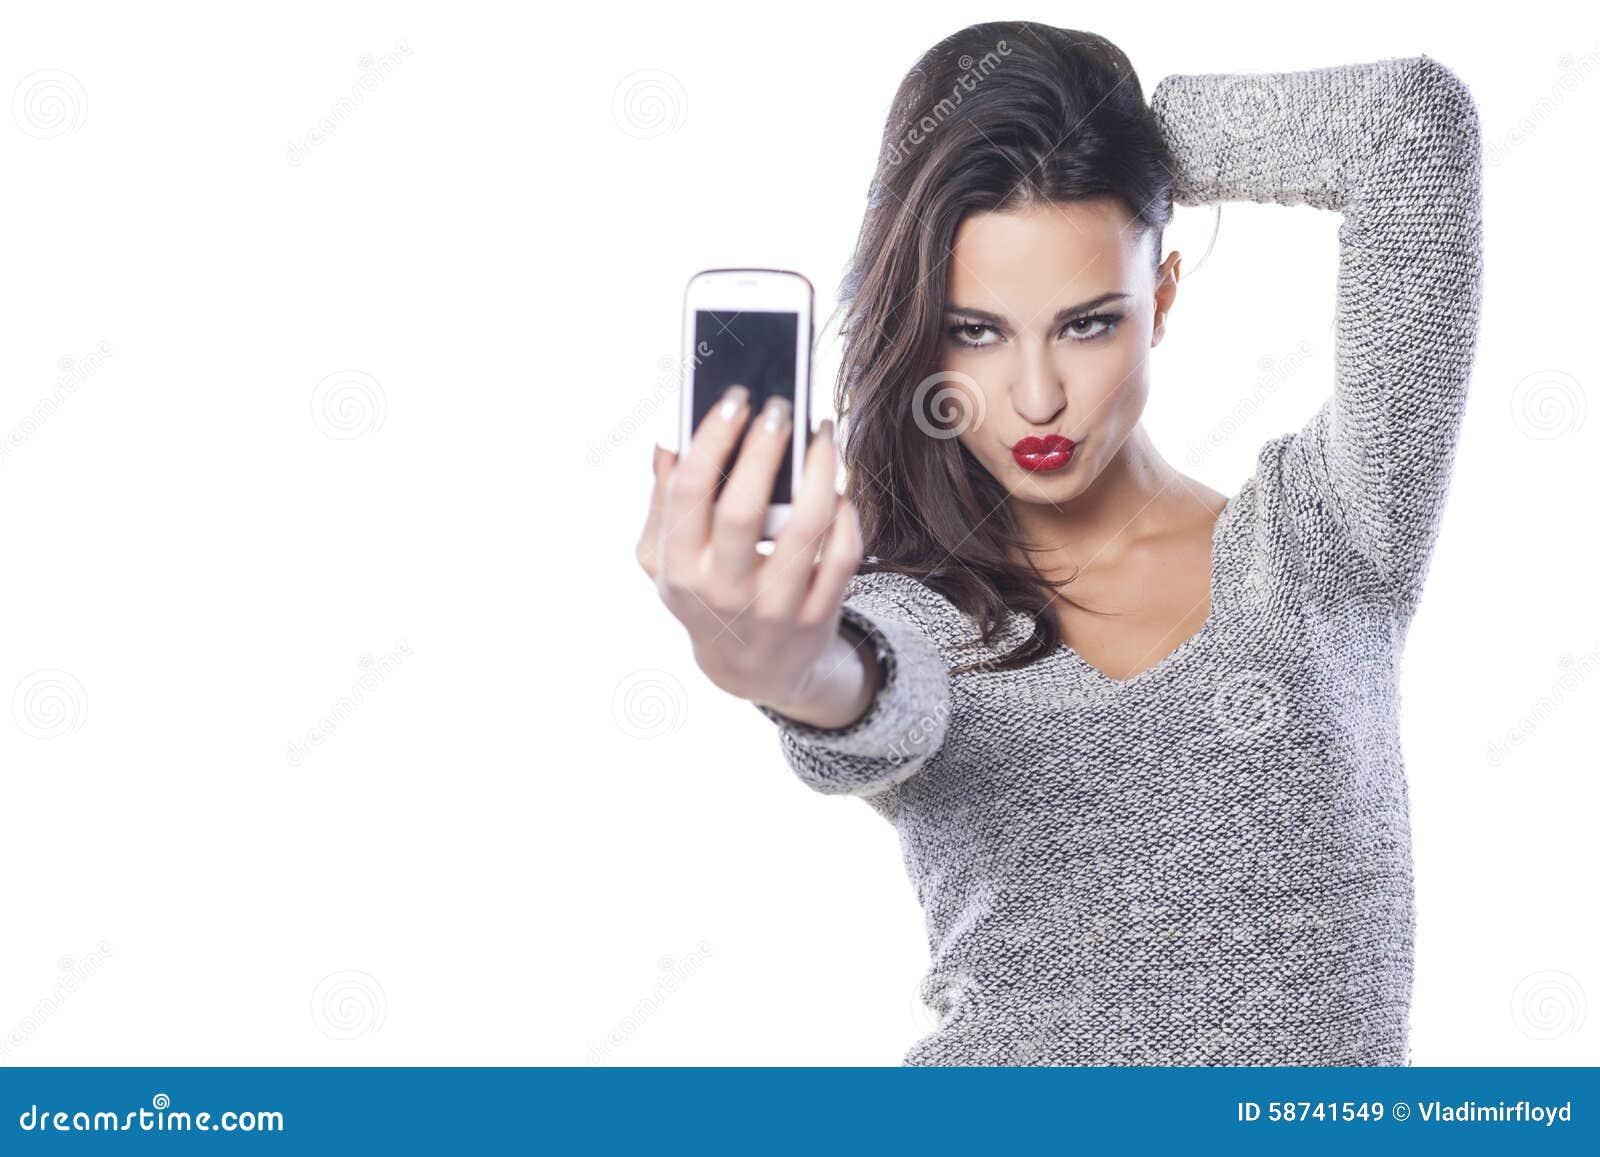 lois griffin brutal porn